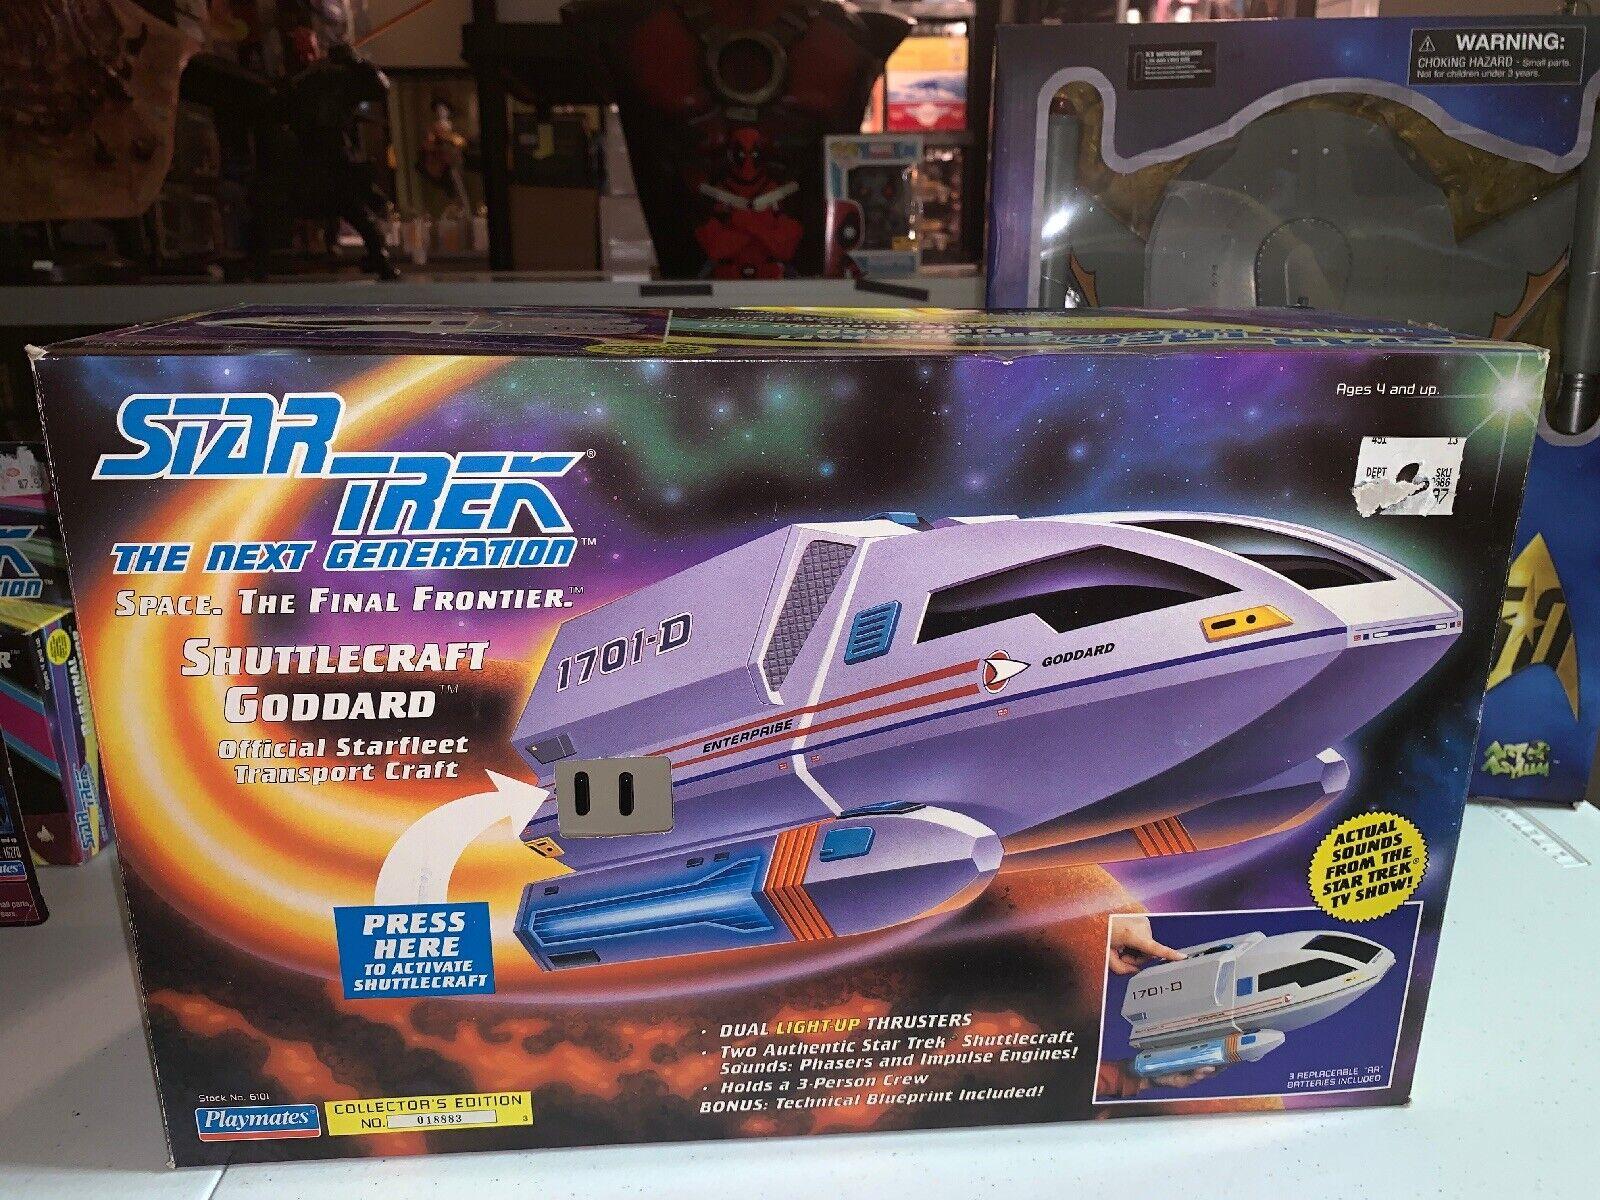 1992 Jugarmates Estrella Trek Arte transbordador Goddard 1701-D MIB NUEVO Y COMPLETO 6101